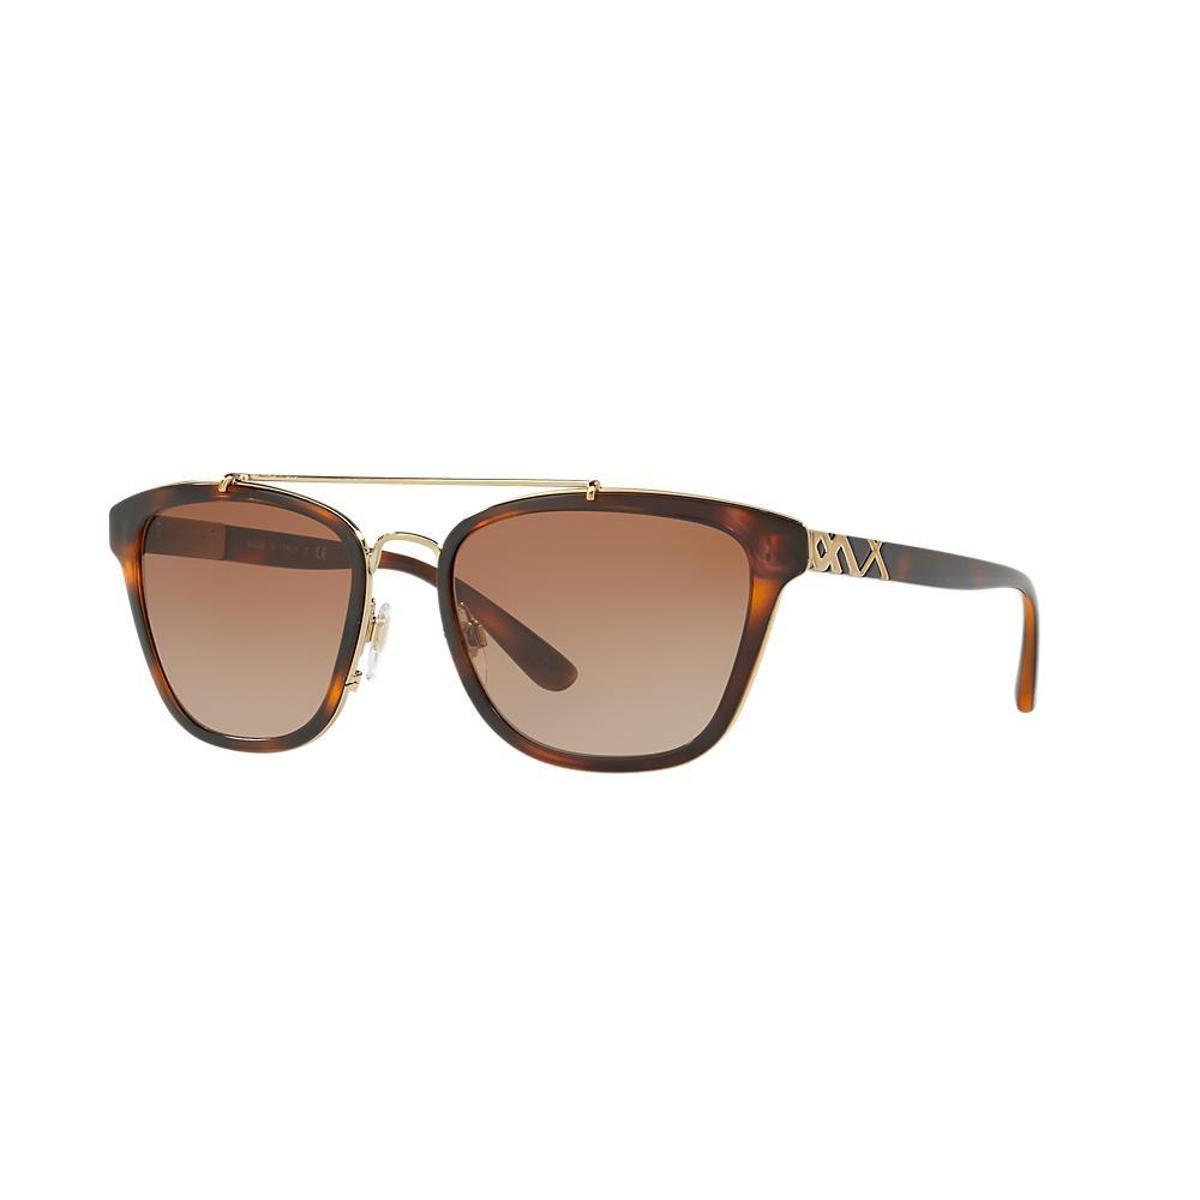 Óculos de Sol Burberry Quadrado BE4240 Feminino - Marrom - Compre ... e42a362135